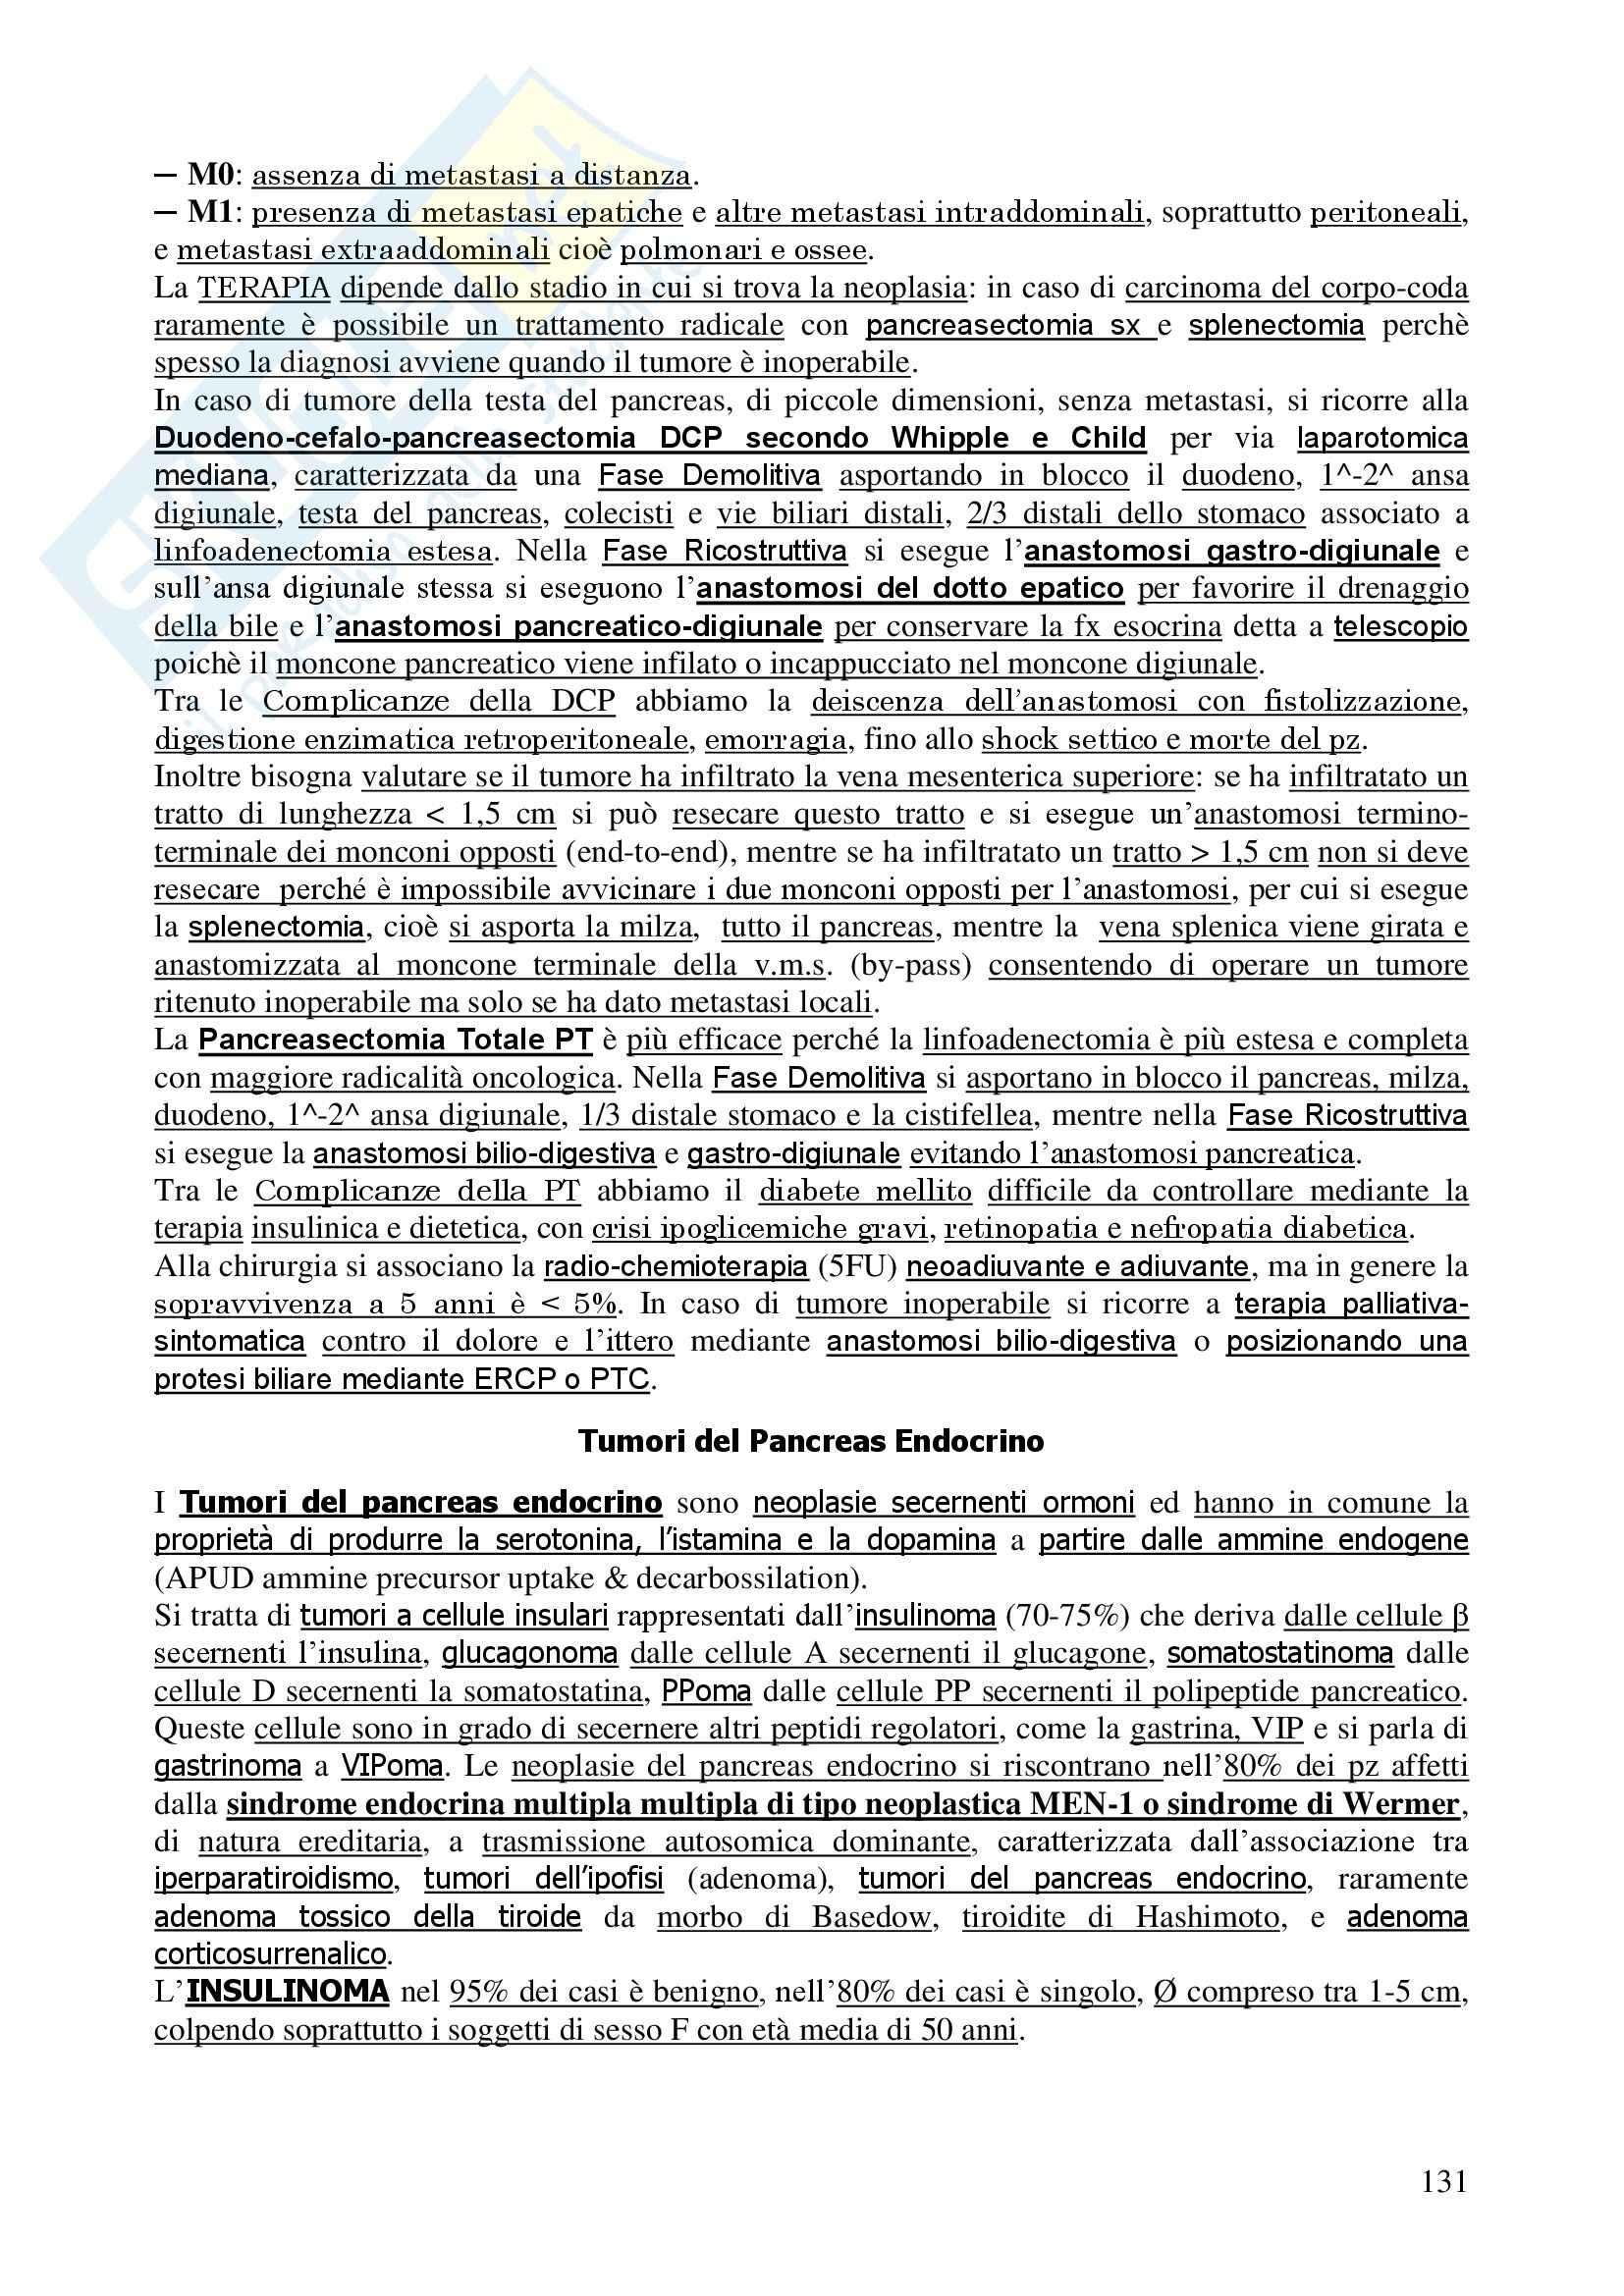 Chirurgia - chirurgia generale - Appunti Pag. 131